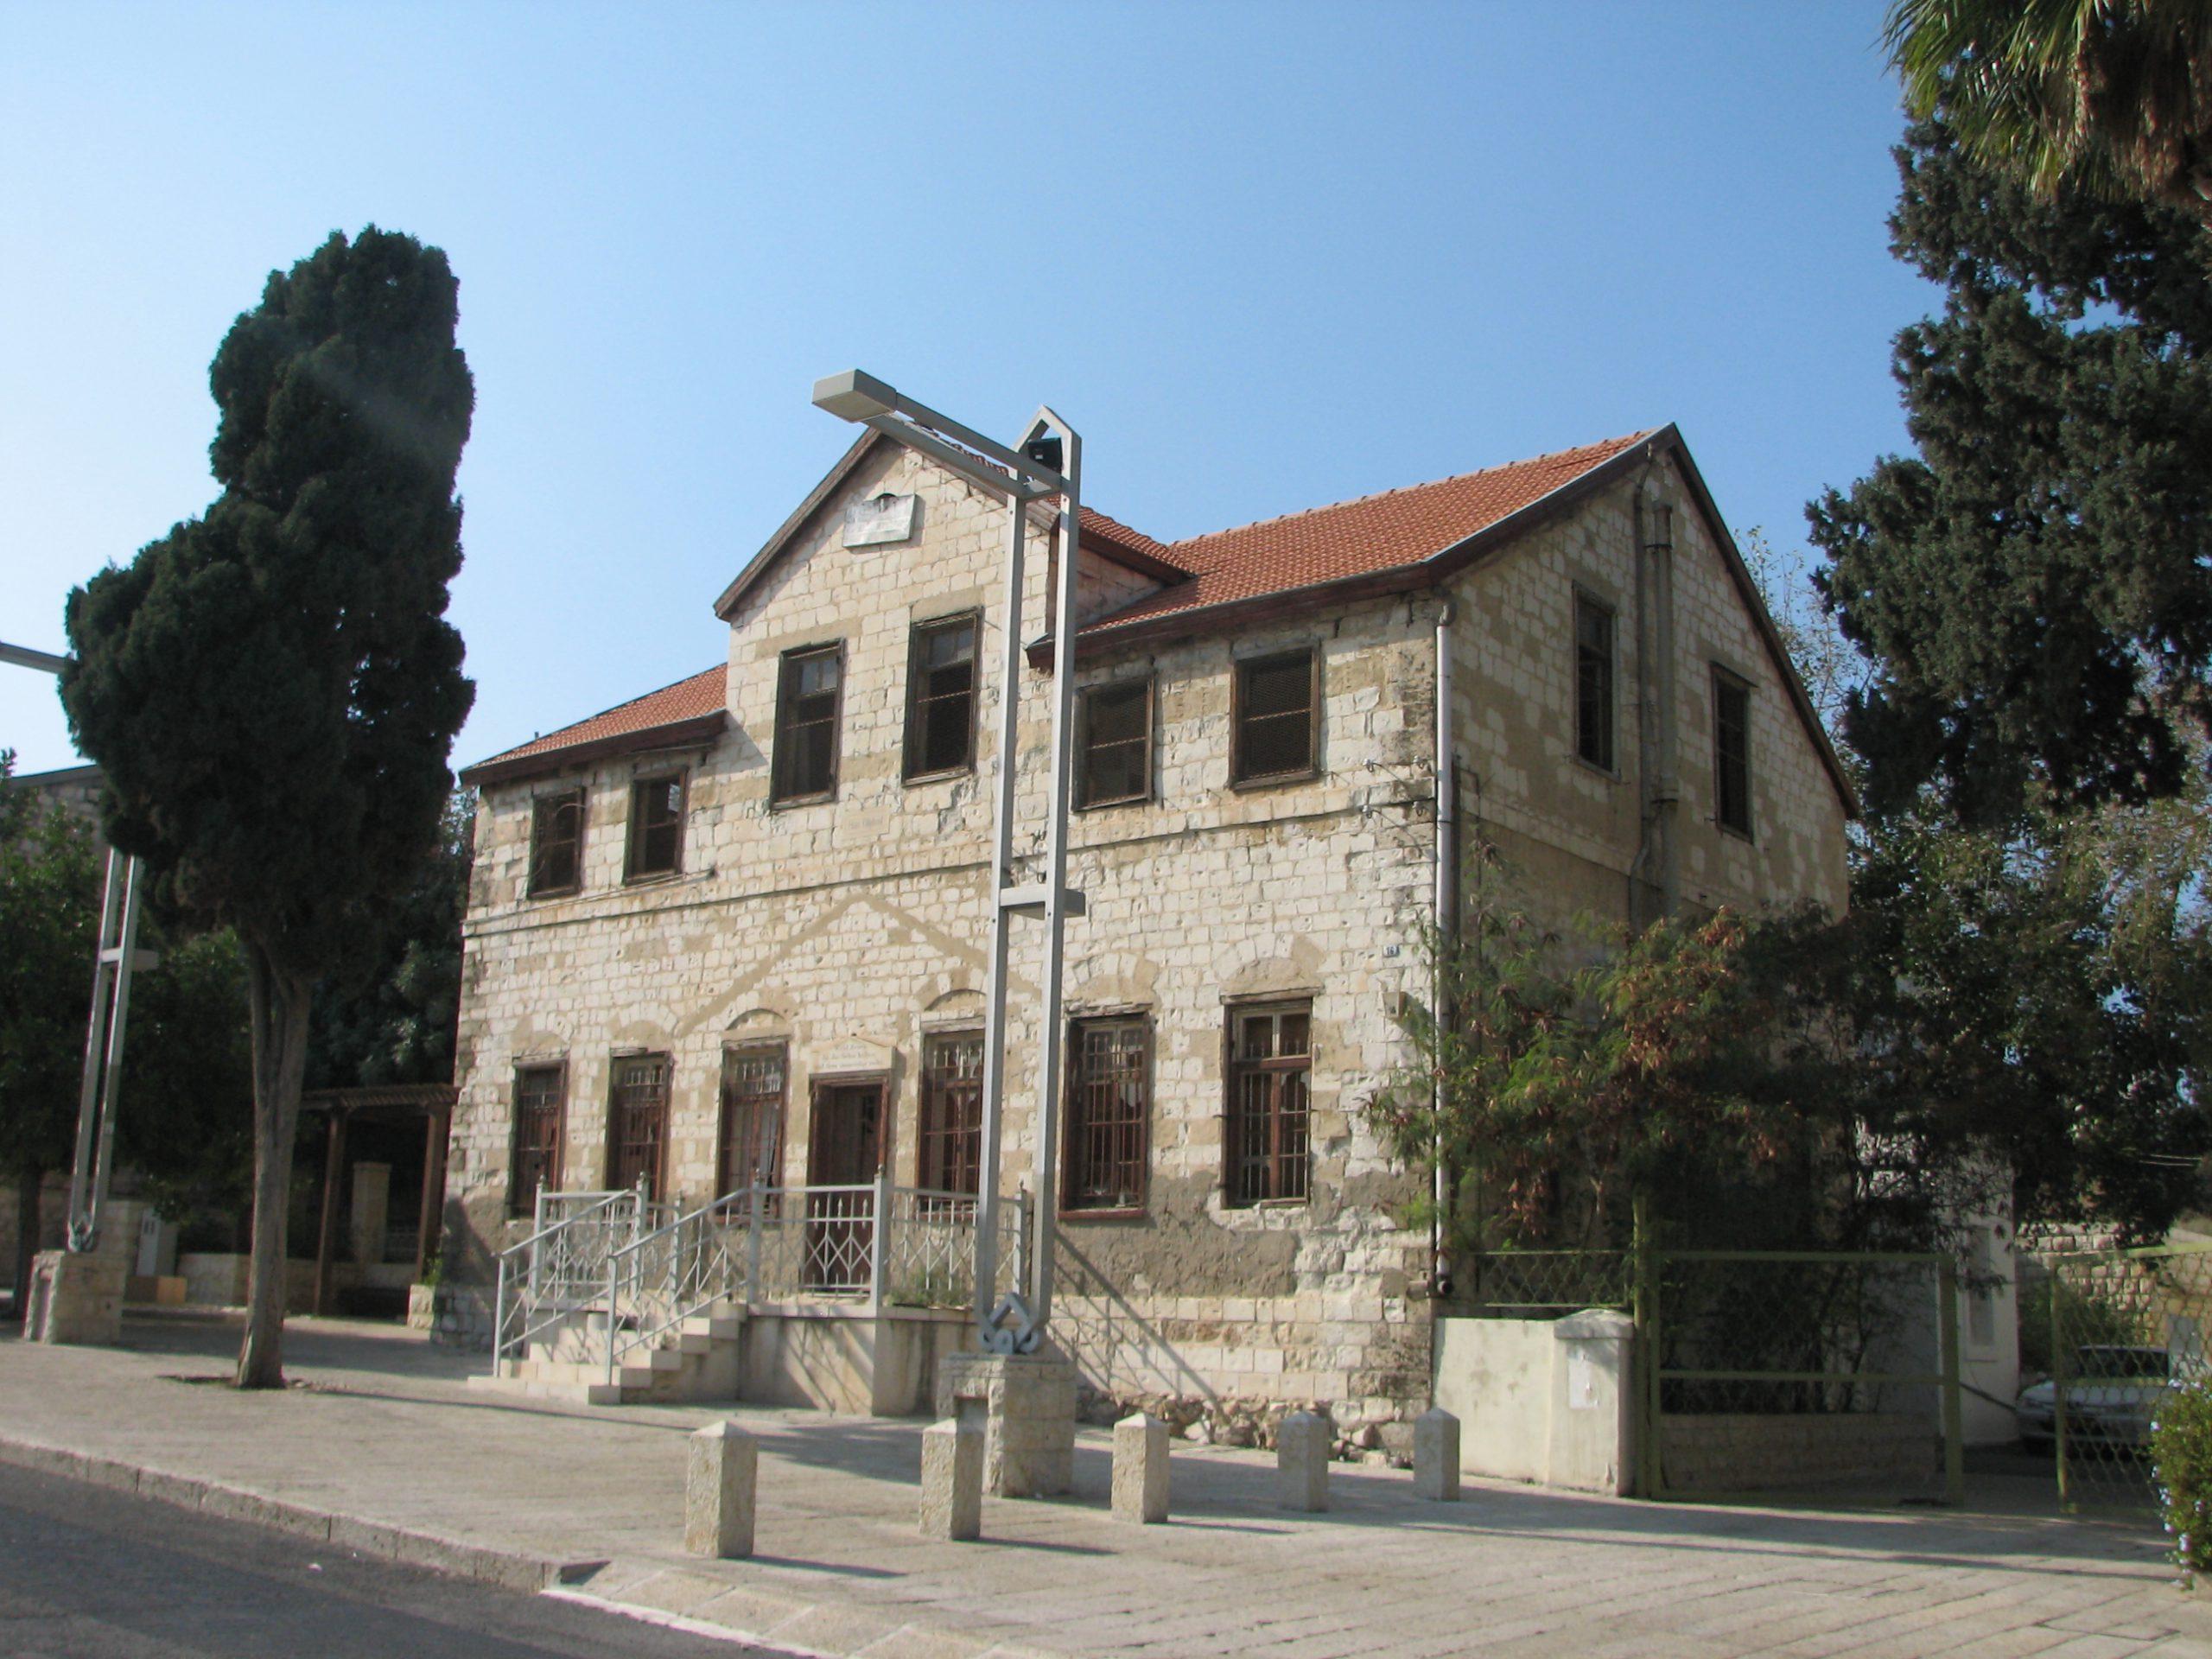 בית אוליפנט במושבה הגרמנית בחיפה שדרות בן גוריון 16 ביתו של לורנס אוליפנט